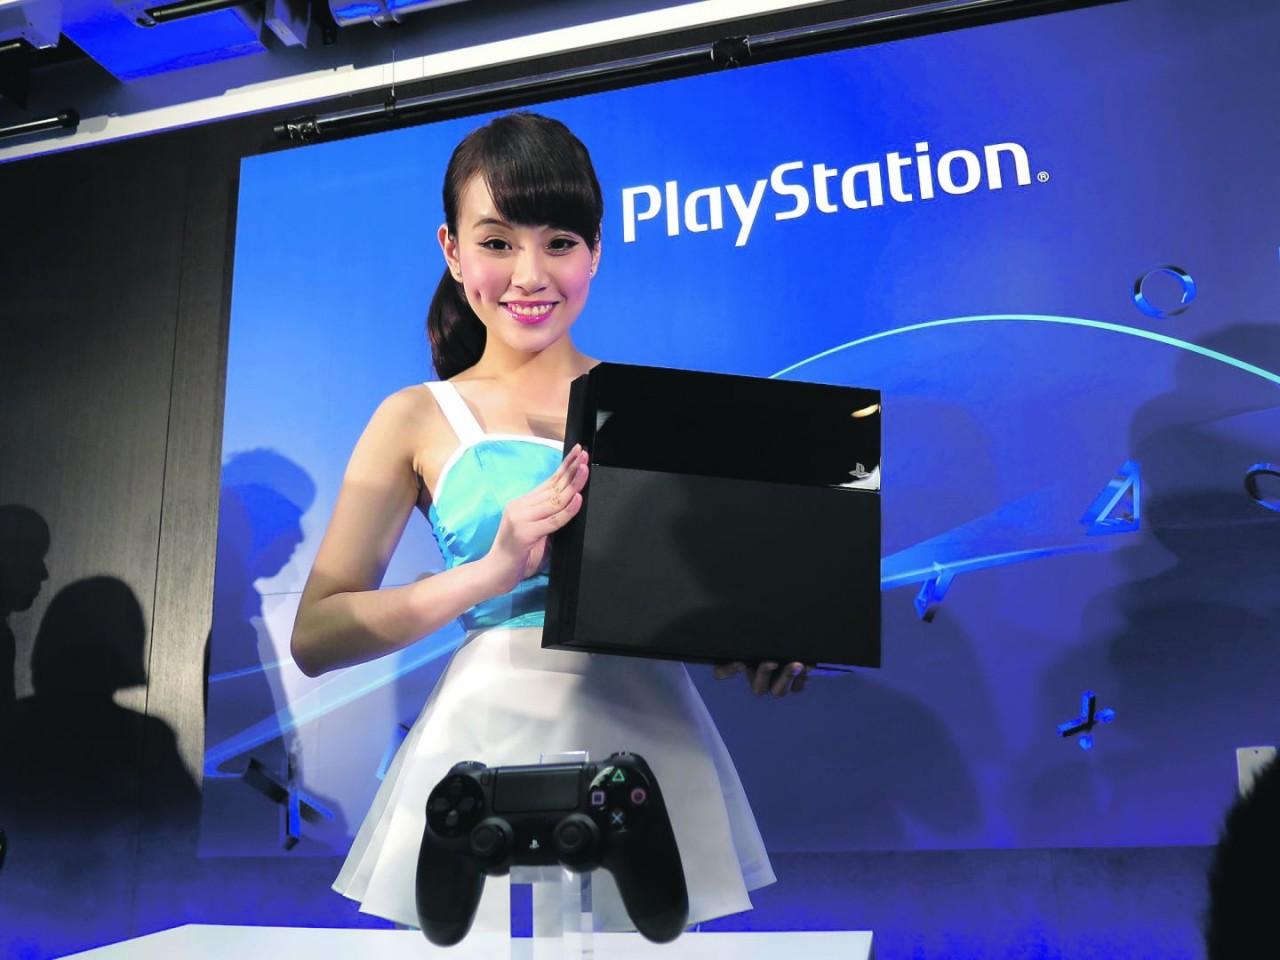 Οι μισοί ιδιοκτήτες PlayStation 4 έχουν συνδρομή PlayStation Plus